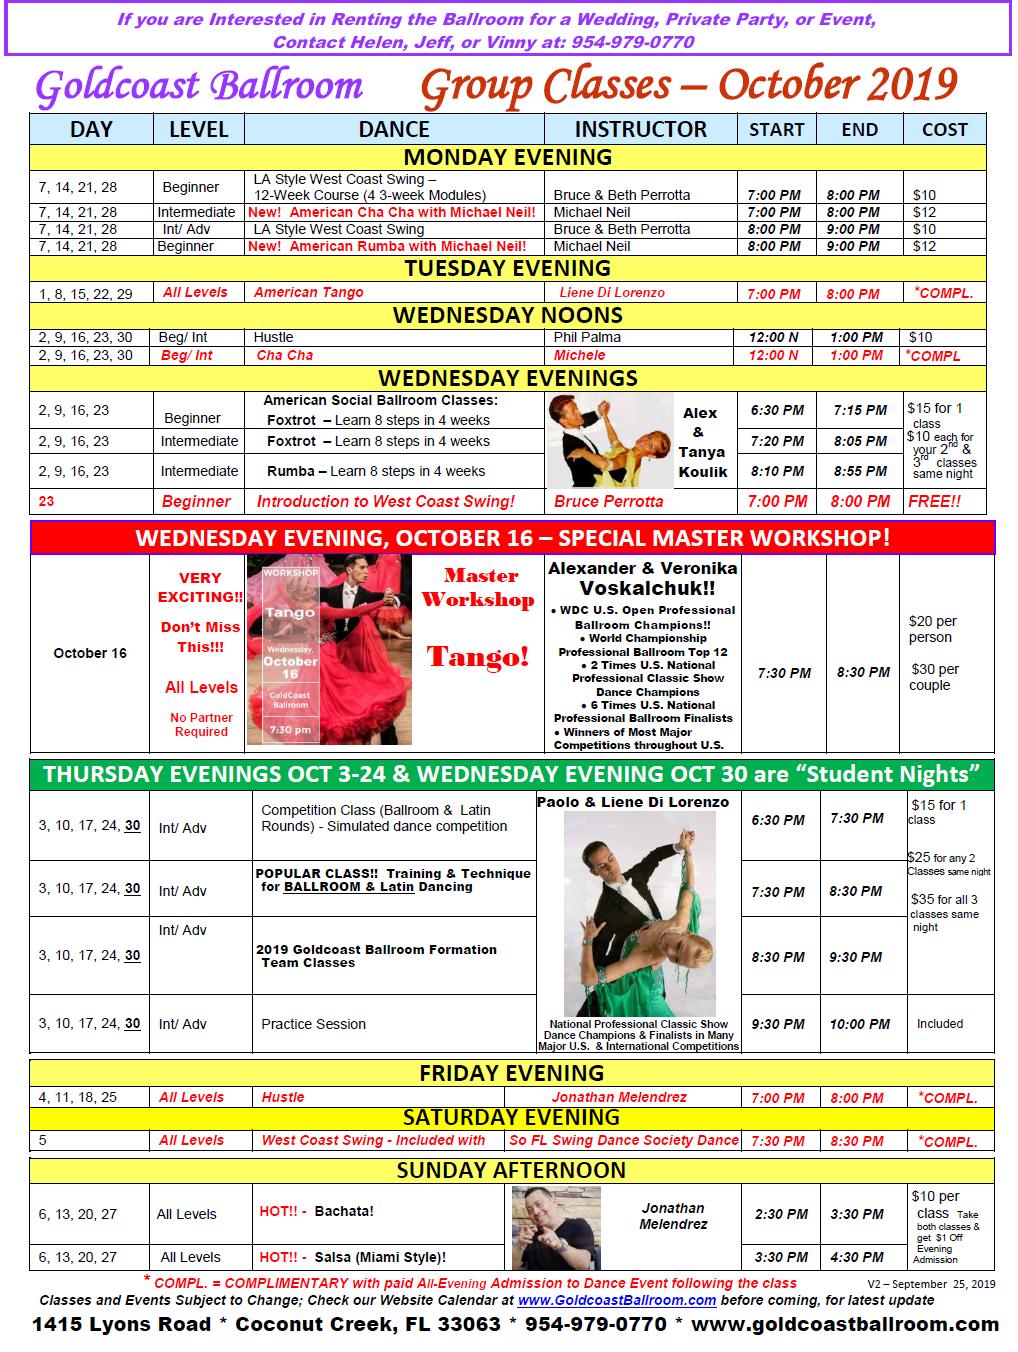 Goldcoast Ballroom October, 2019 Calendar - Group Class Schedule